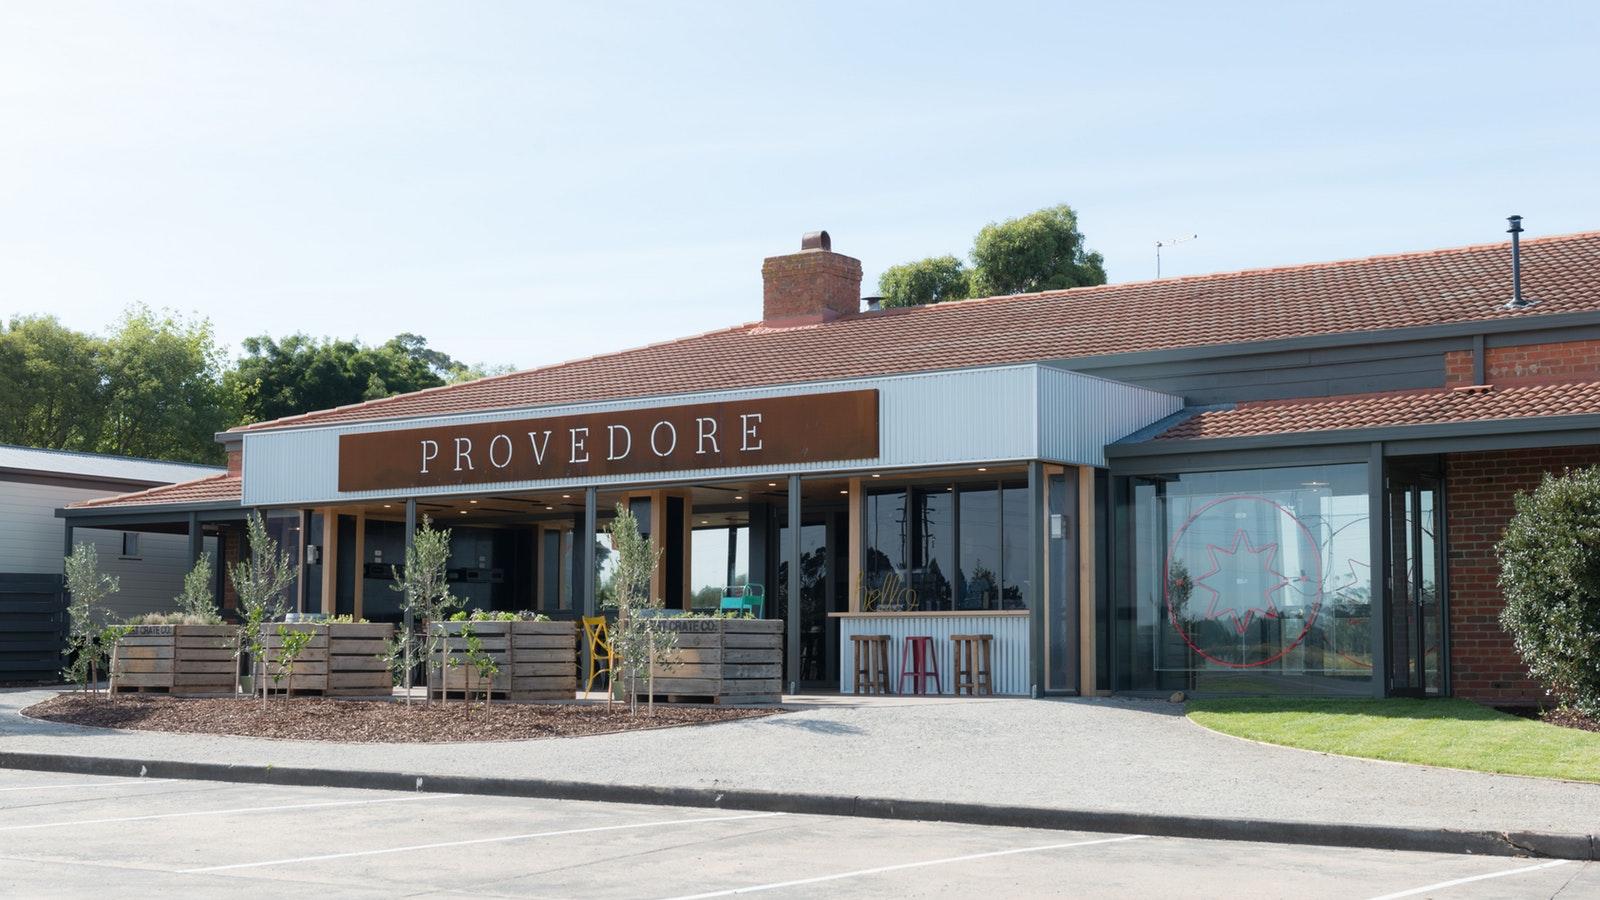 Provedore Cafe Bar Pizzeria